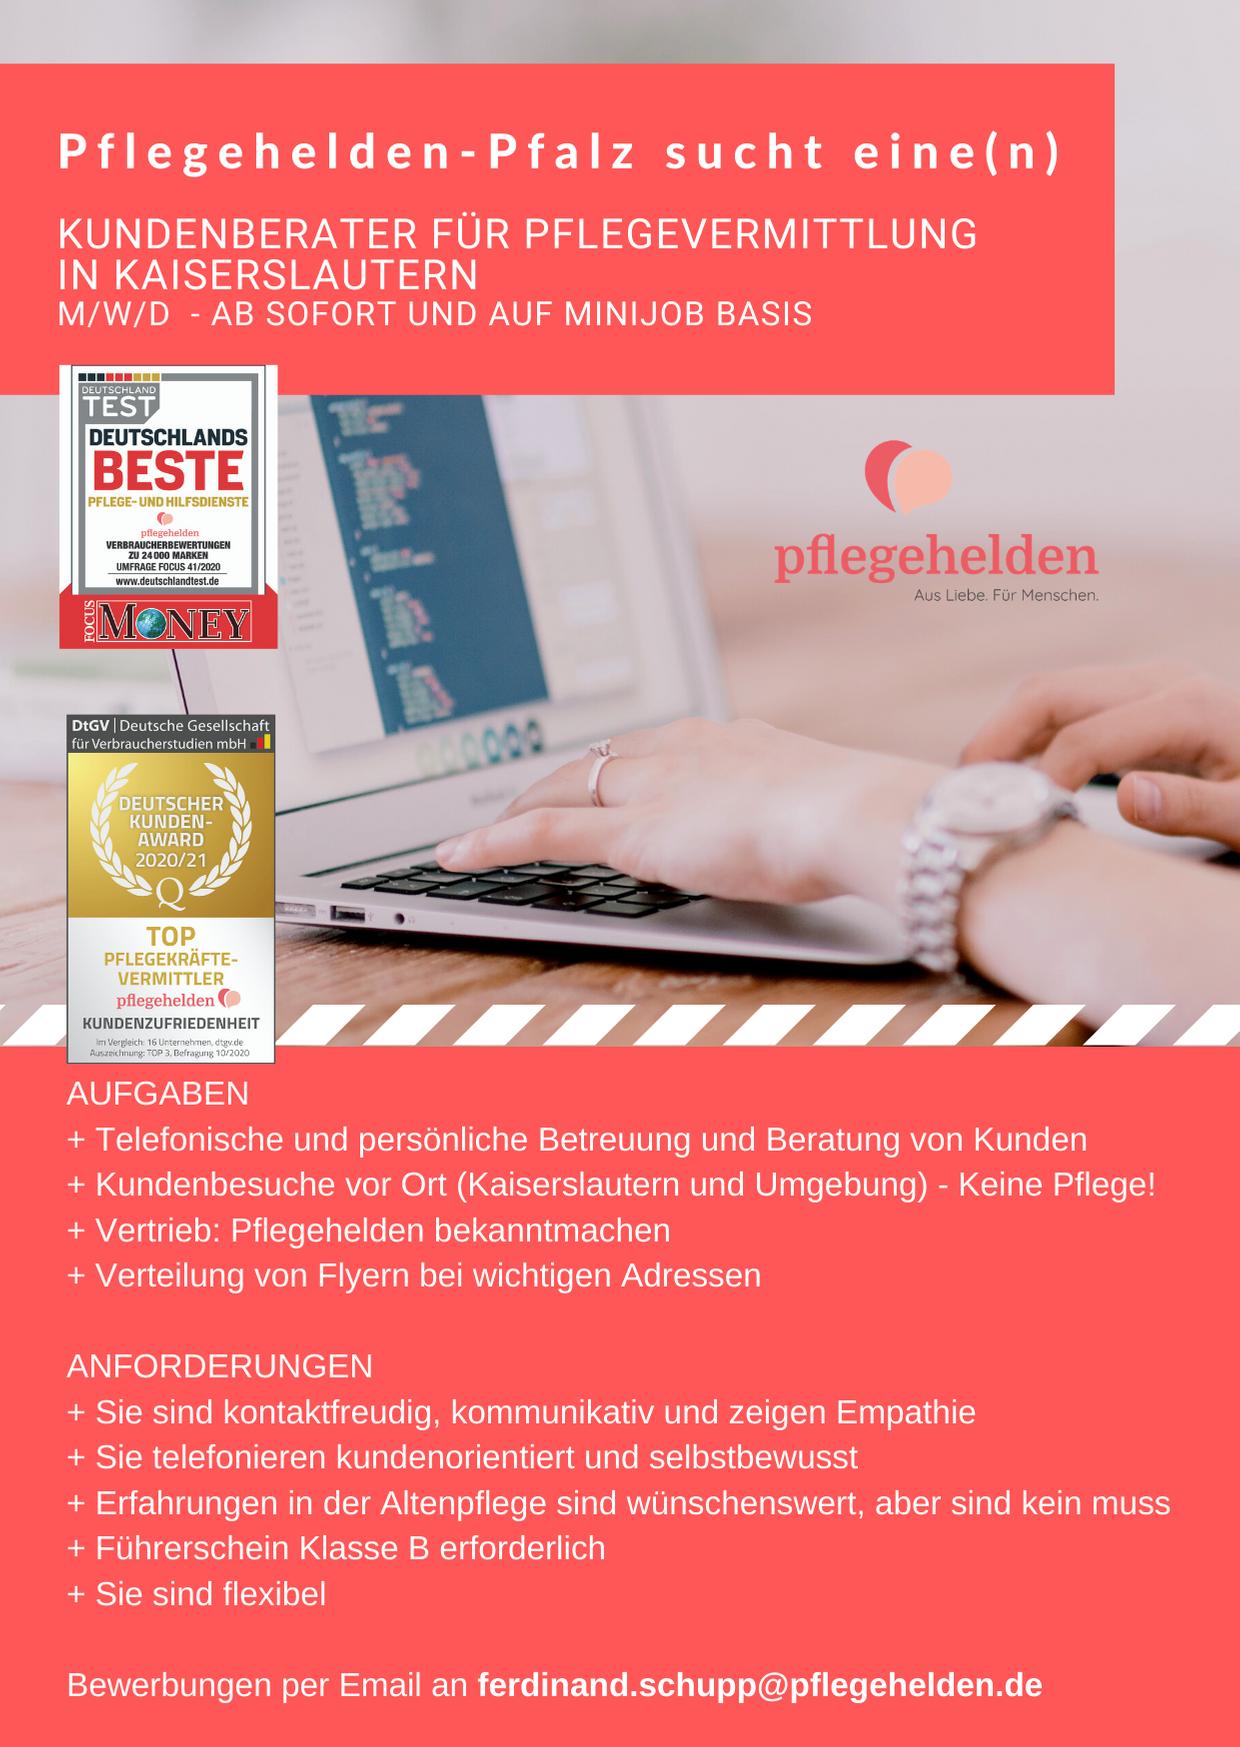 Stellenangebot Pflegehelden Pfalz